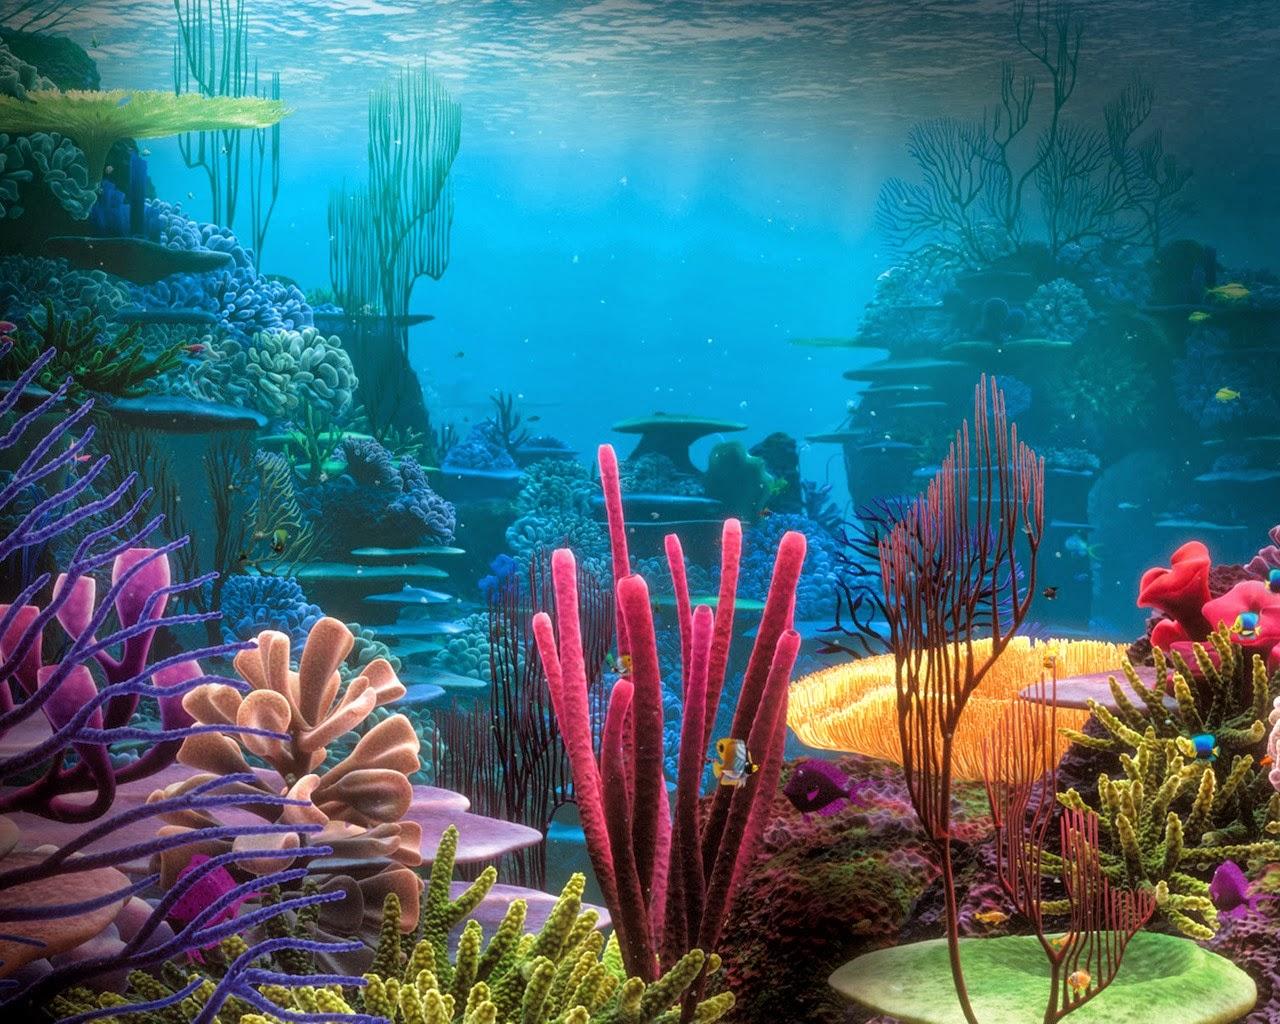 Fondos marinos imagui - Fotos fondo del mar ...